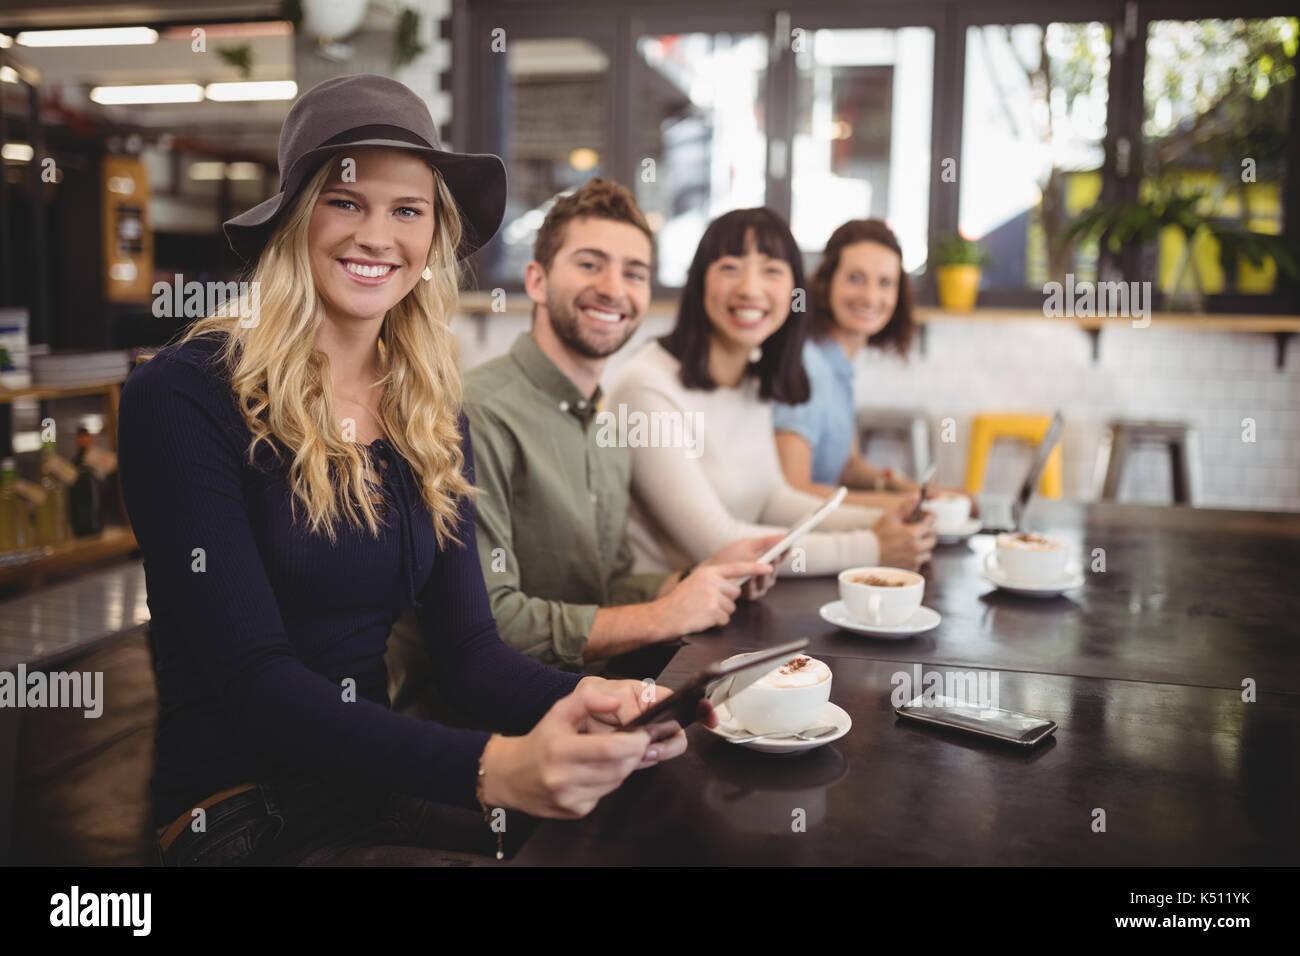 Portrait von lächelnden multi-ethnische Freunde sitzen mit Kaffeetassen und Handys am Tisch im Cafe Stockfoto